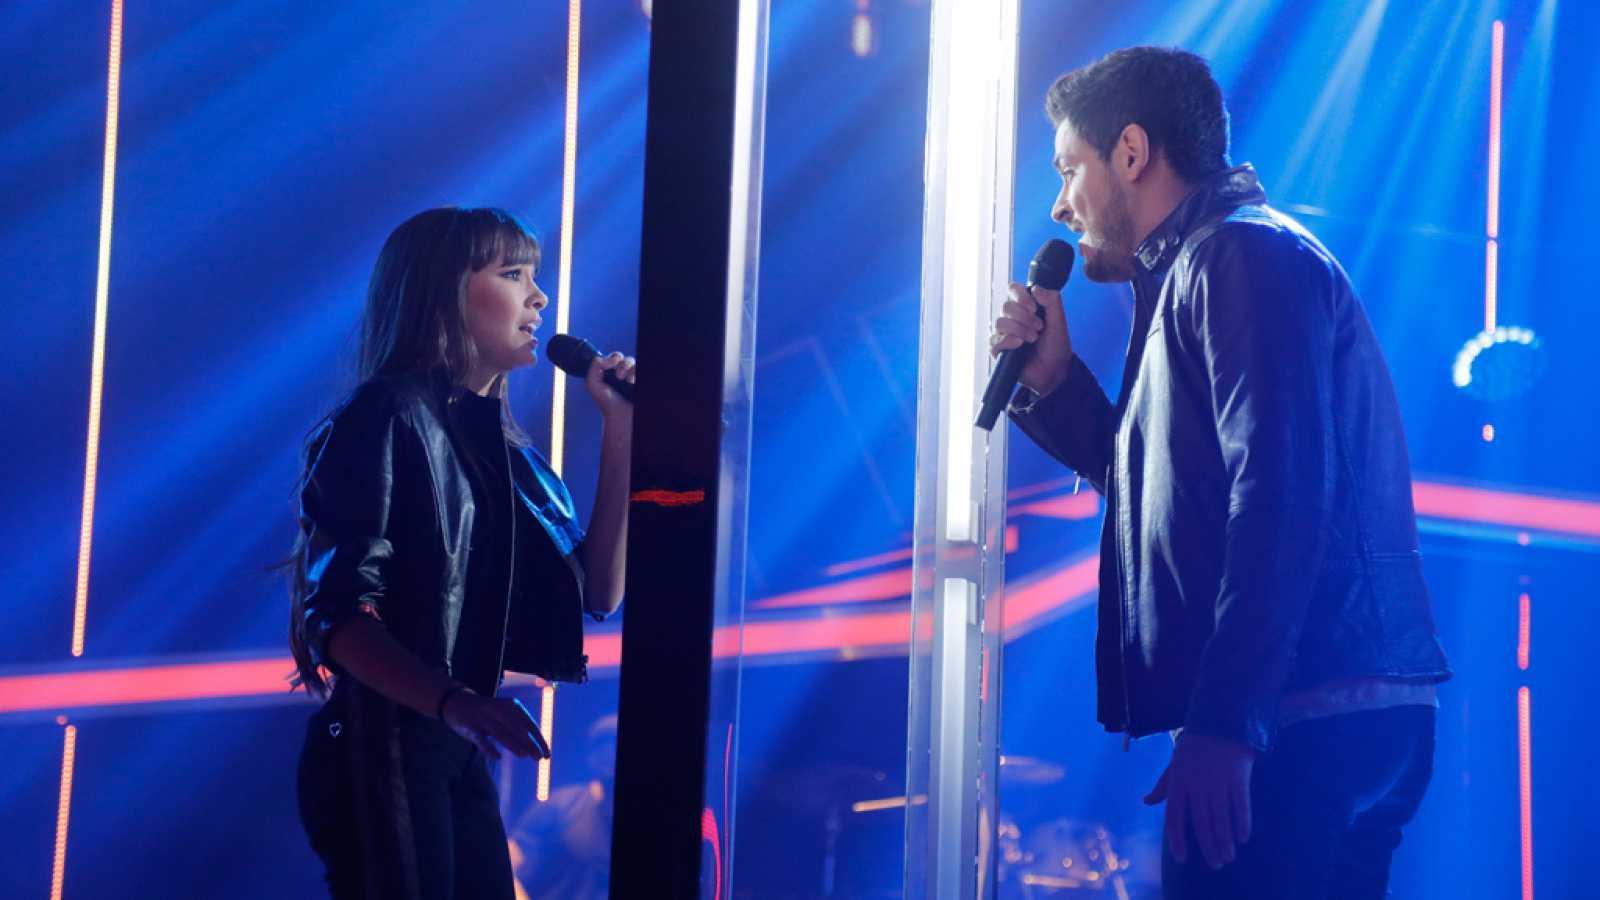 Operación Triunfo - Cepeda y Aitana cantan 'No puedo vivir sin ti' en la gala 1 de OT